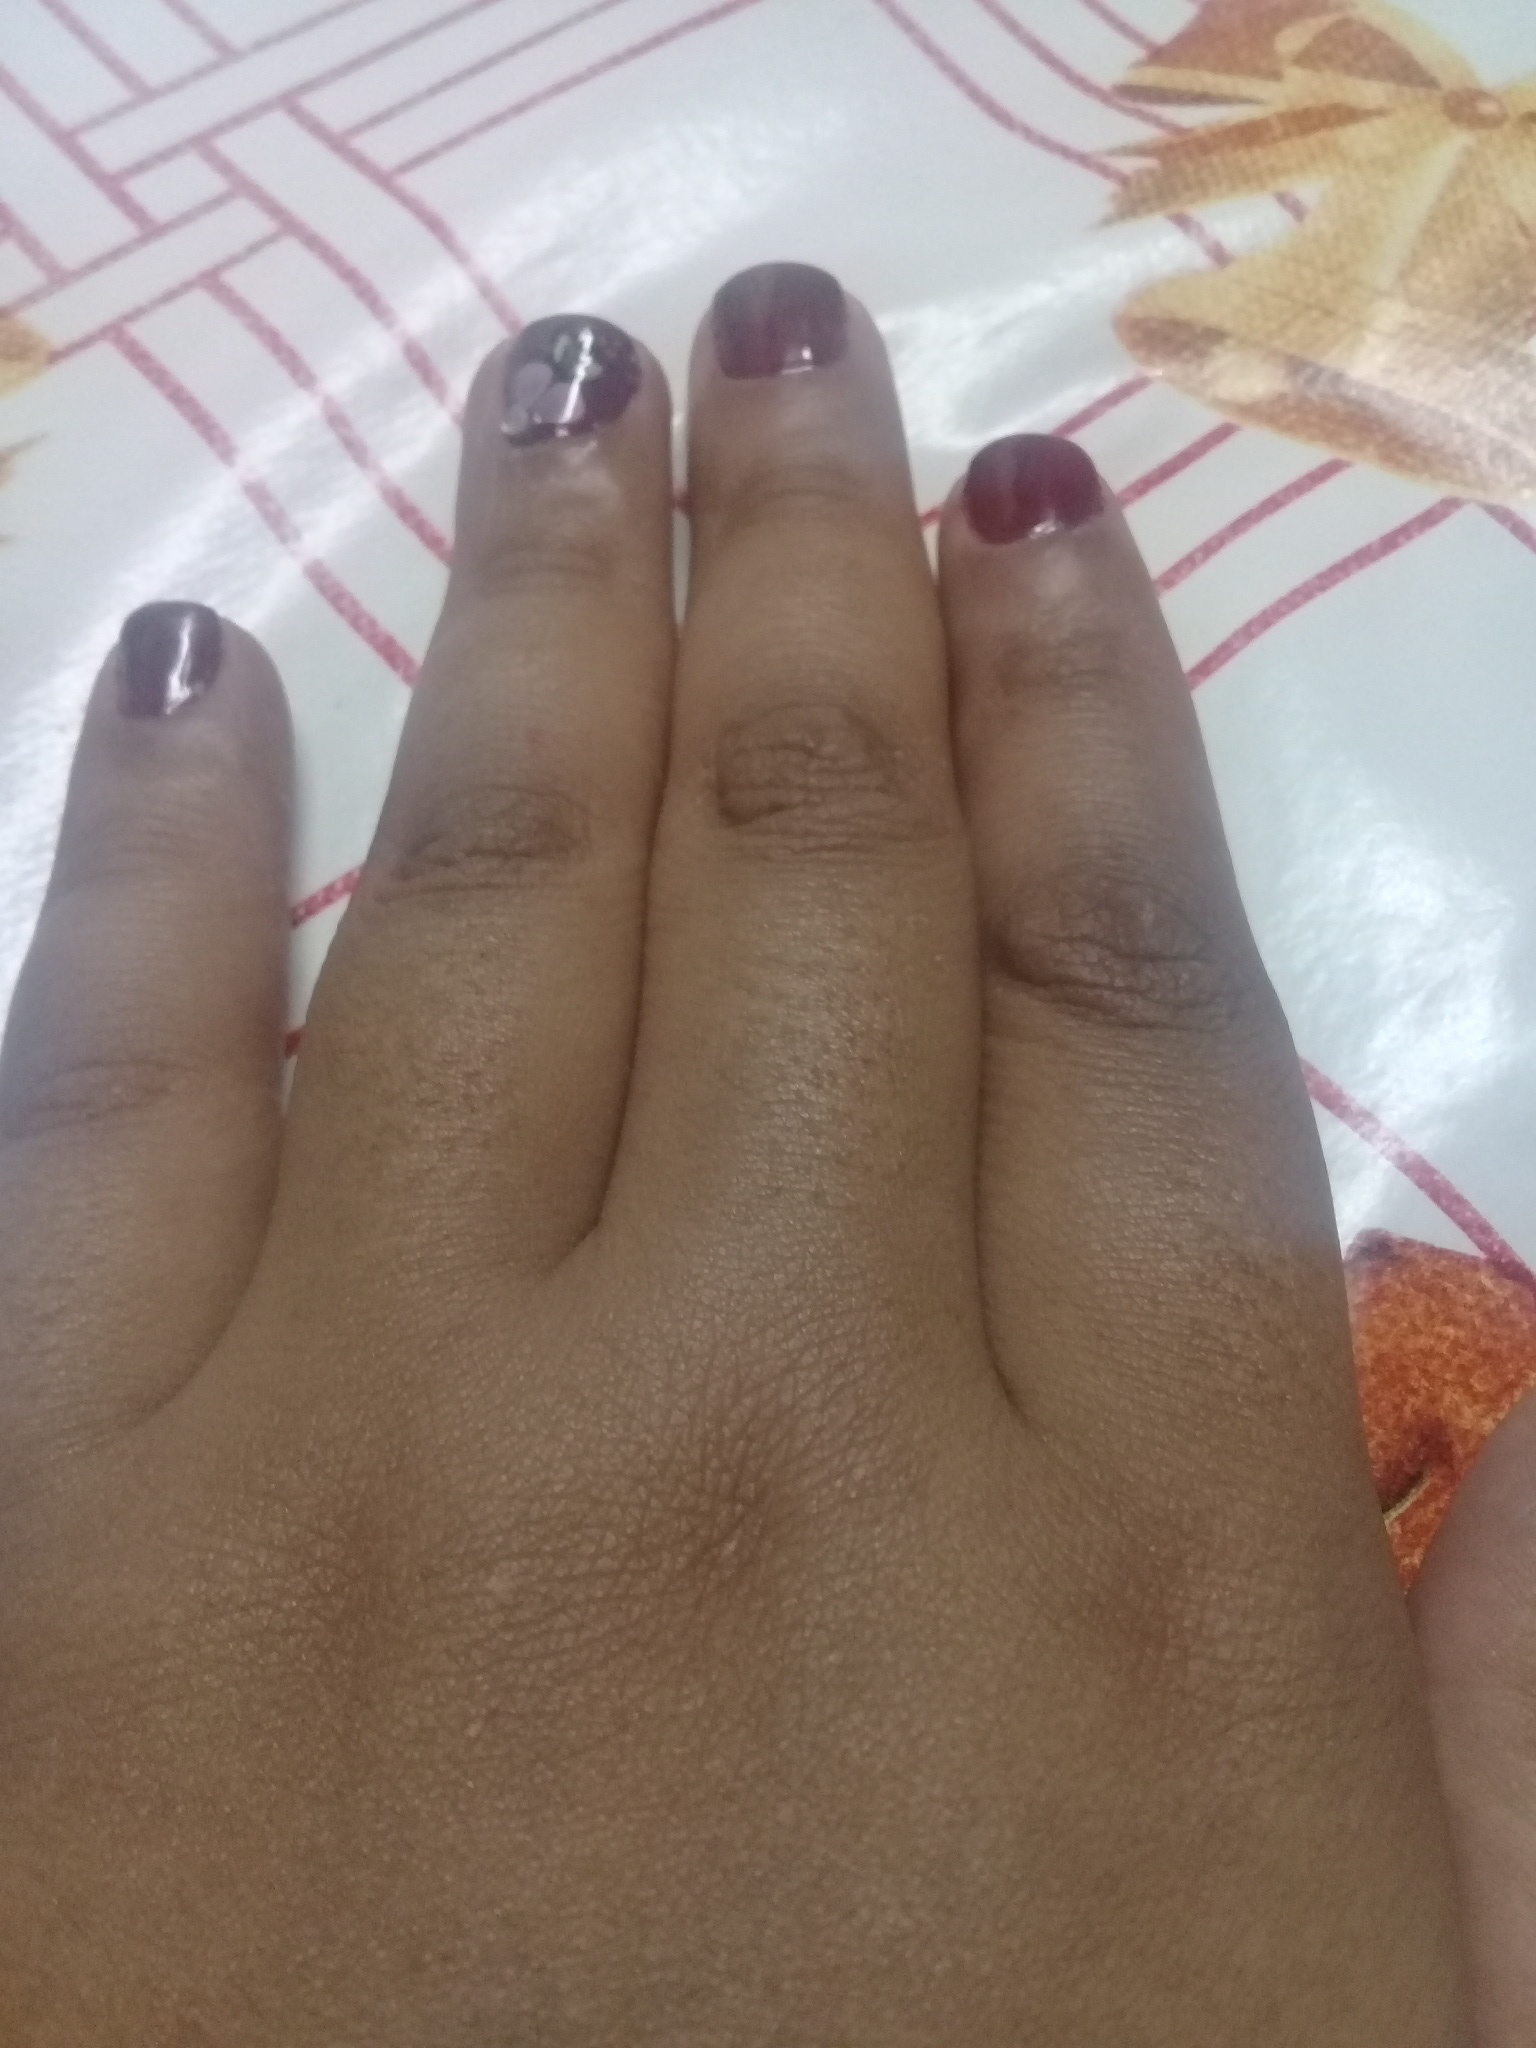 Esperando uma oportunidade de trabalho do meu perfil que e  na área de manicure e pedicure sou muito simpática com os clientes e colegas de trabalho  unha manicure e pedicure